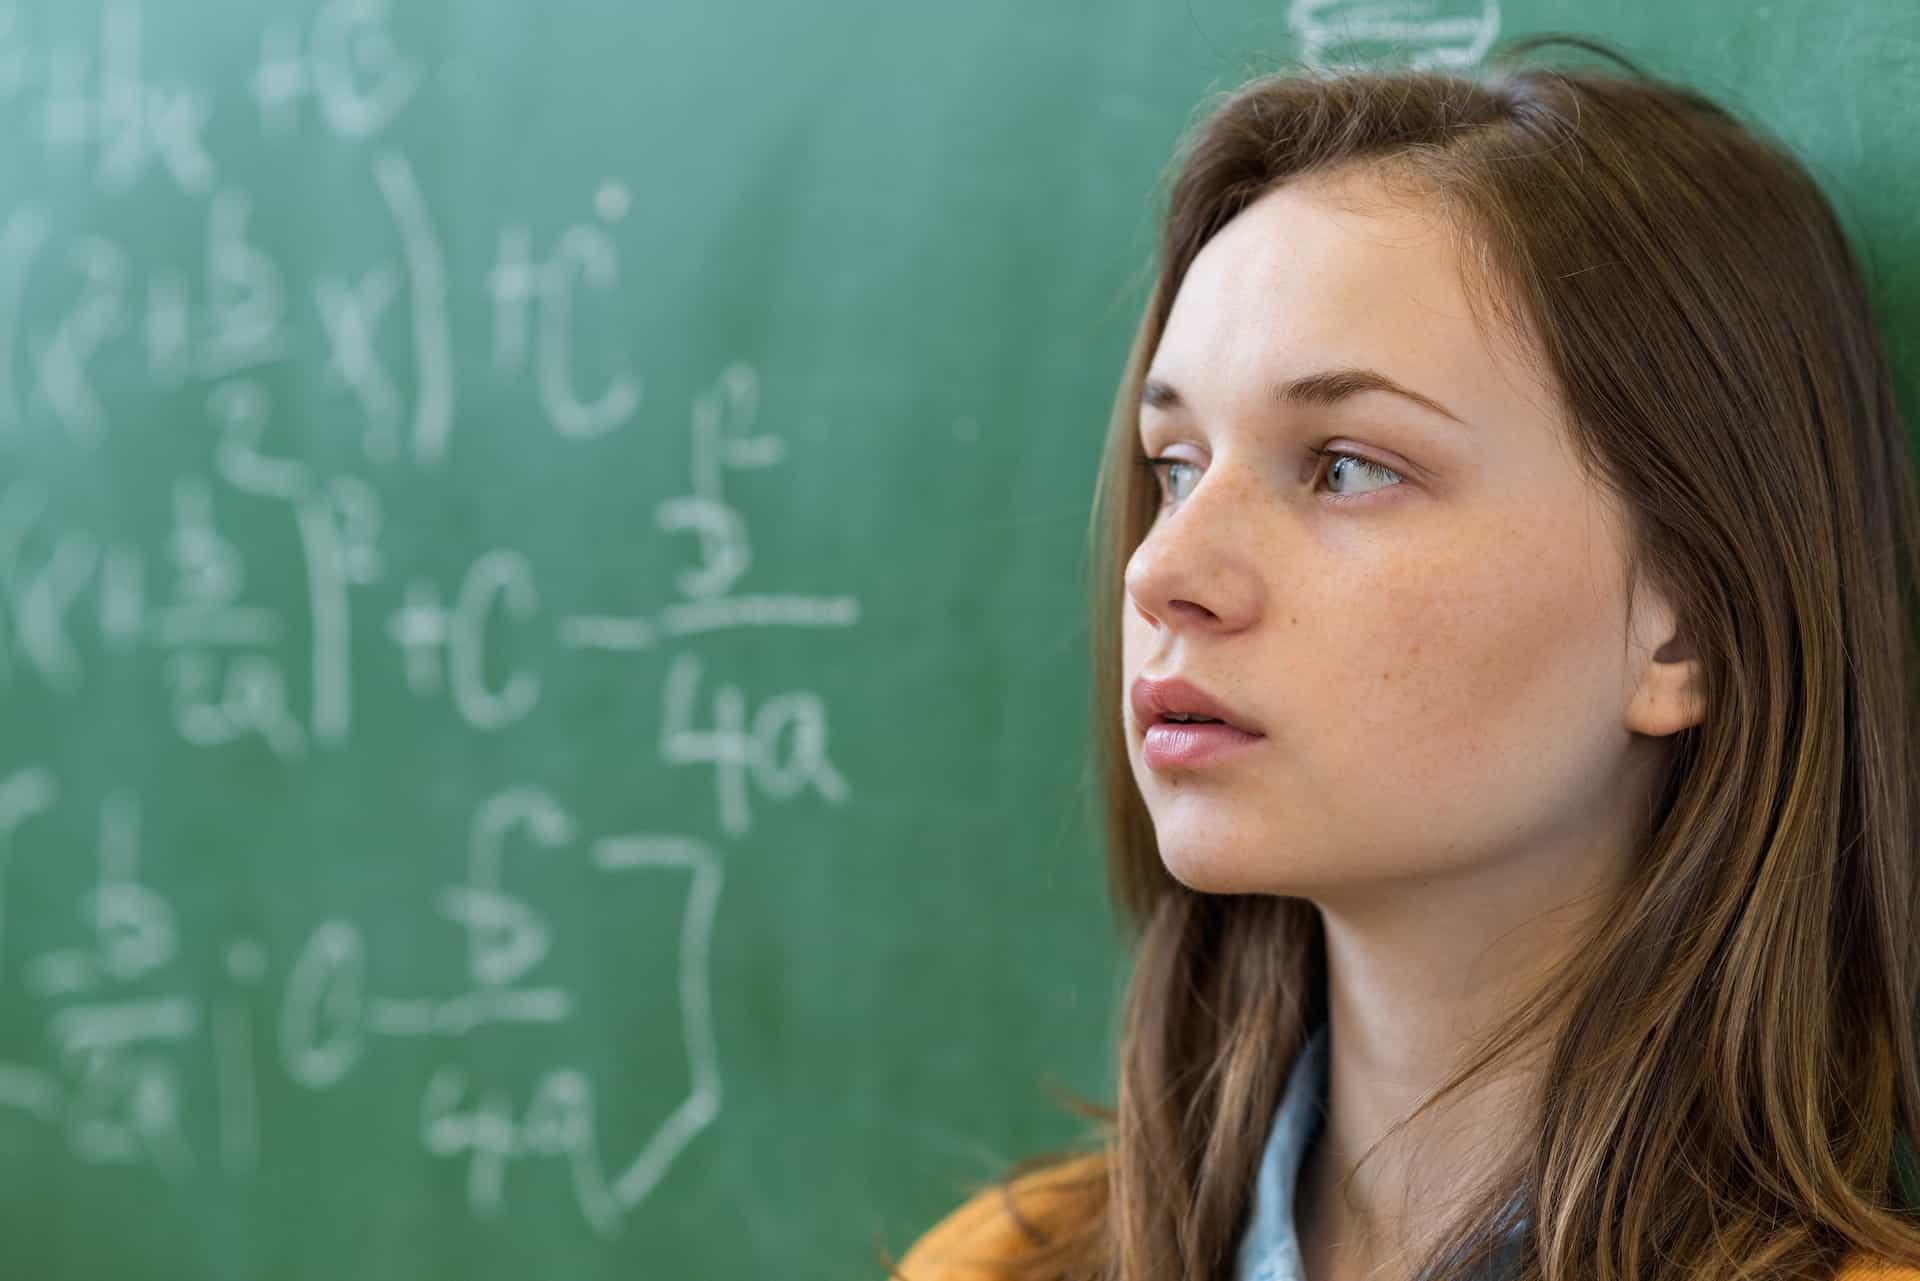 Schülerin vor Tafel